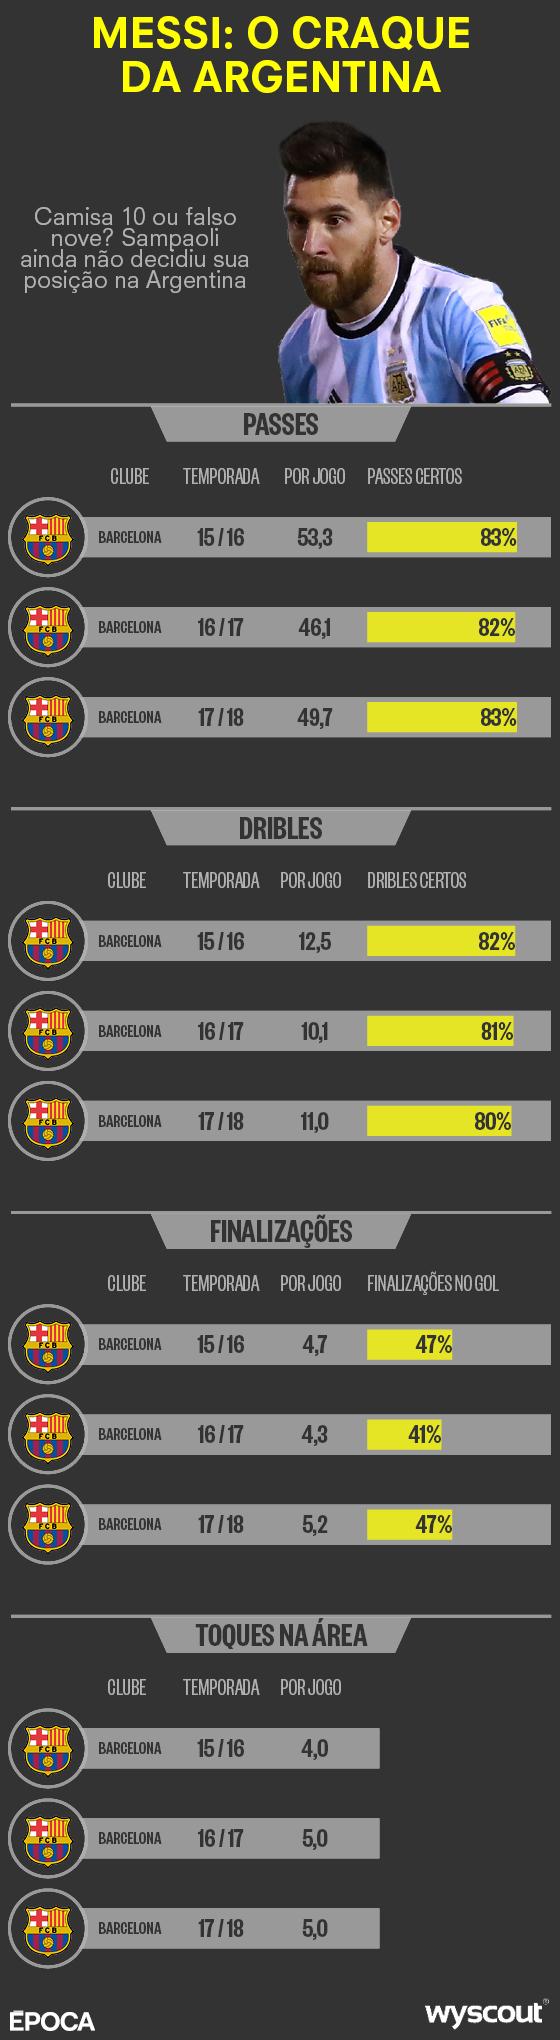 Messi_perfil (Foto: Revista Época)